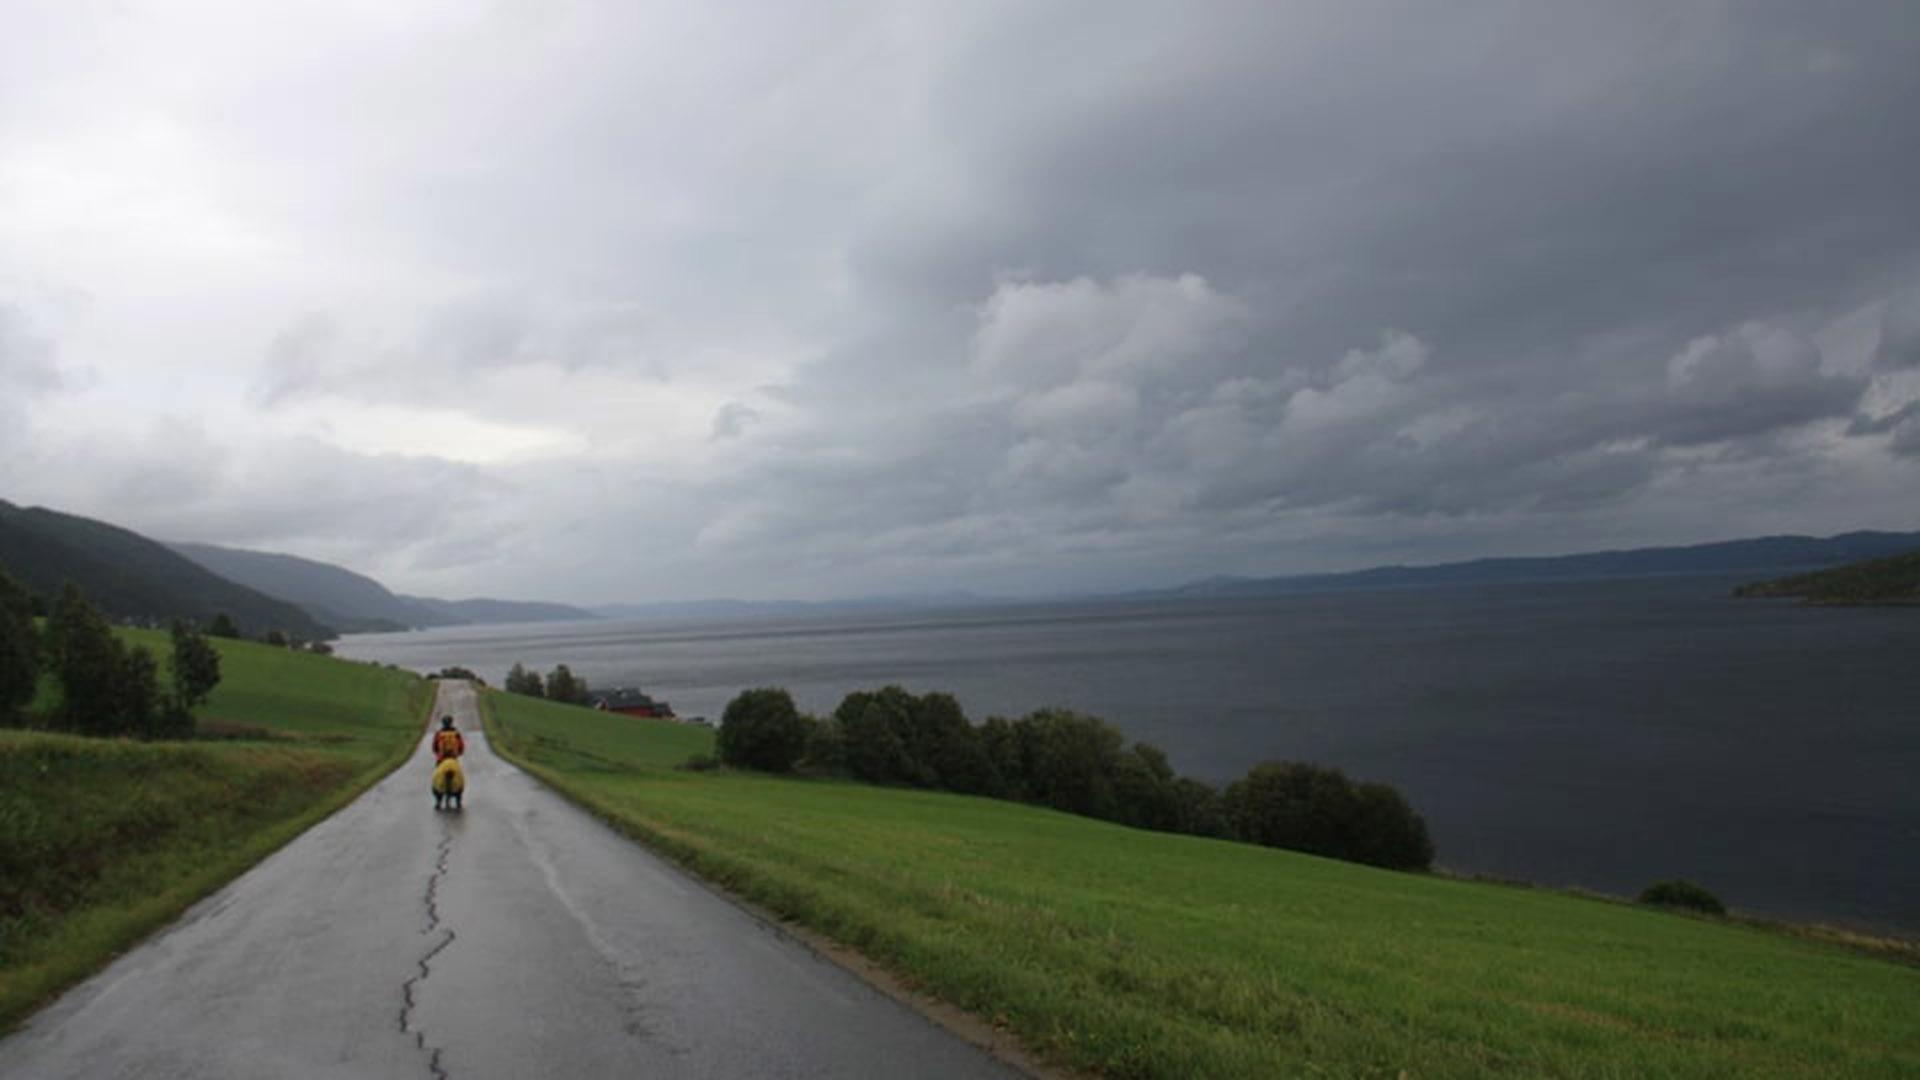 L'aventure Explore Squad de Kingersheim au Cap Nord à vélo - Des paysages norvégiens à couper le souffle